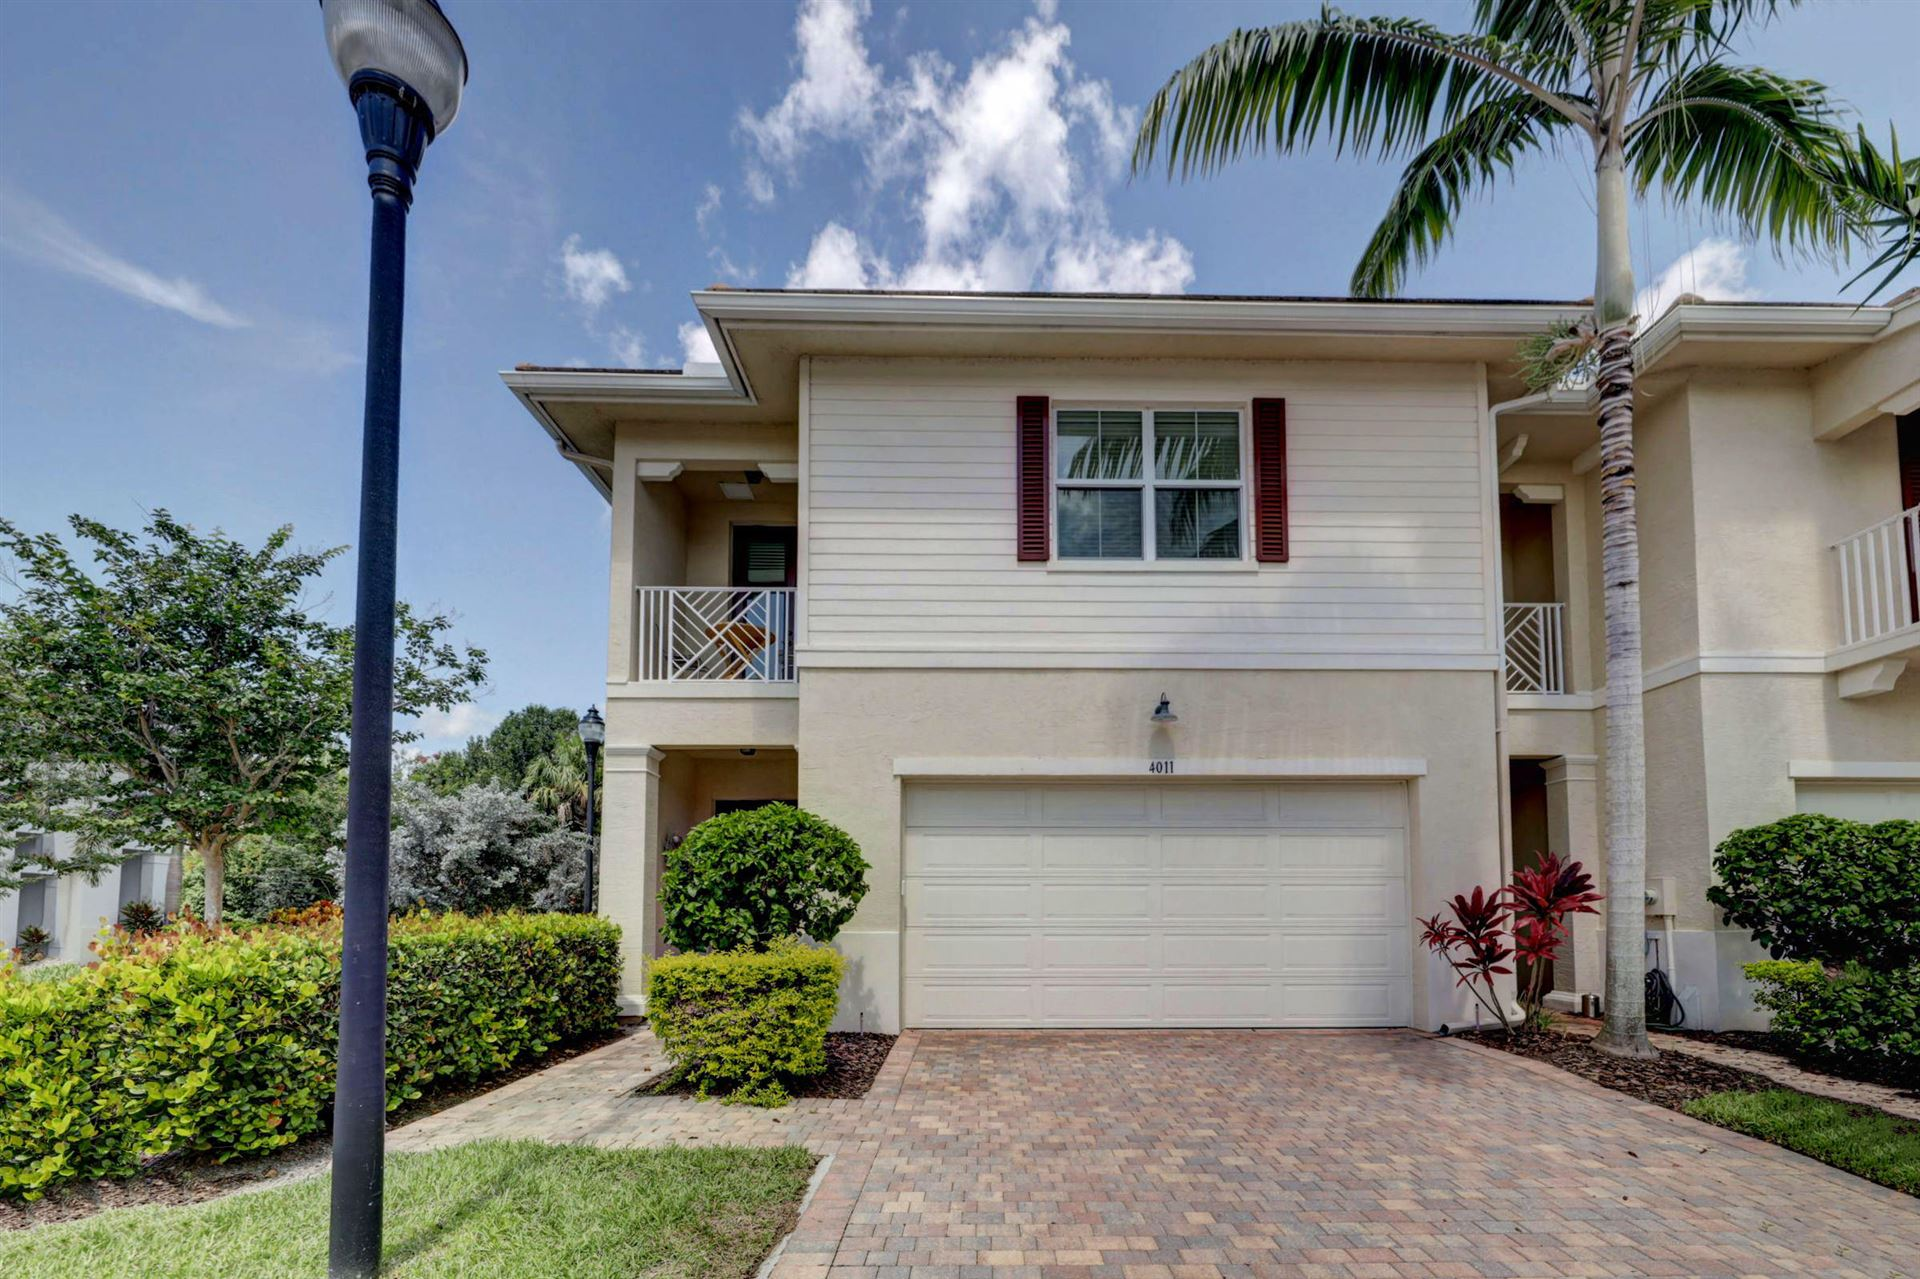 4011 Kingston Lane, Palm Beach Gardens, FL 33418 - #: RX-10638715